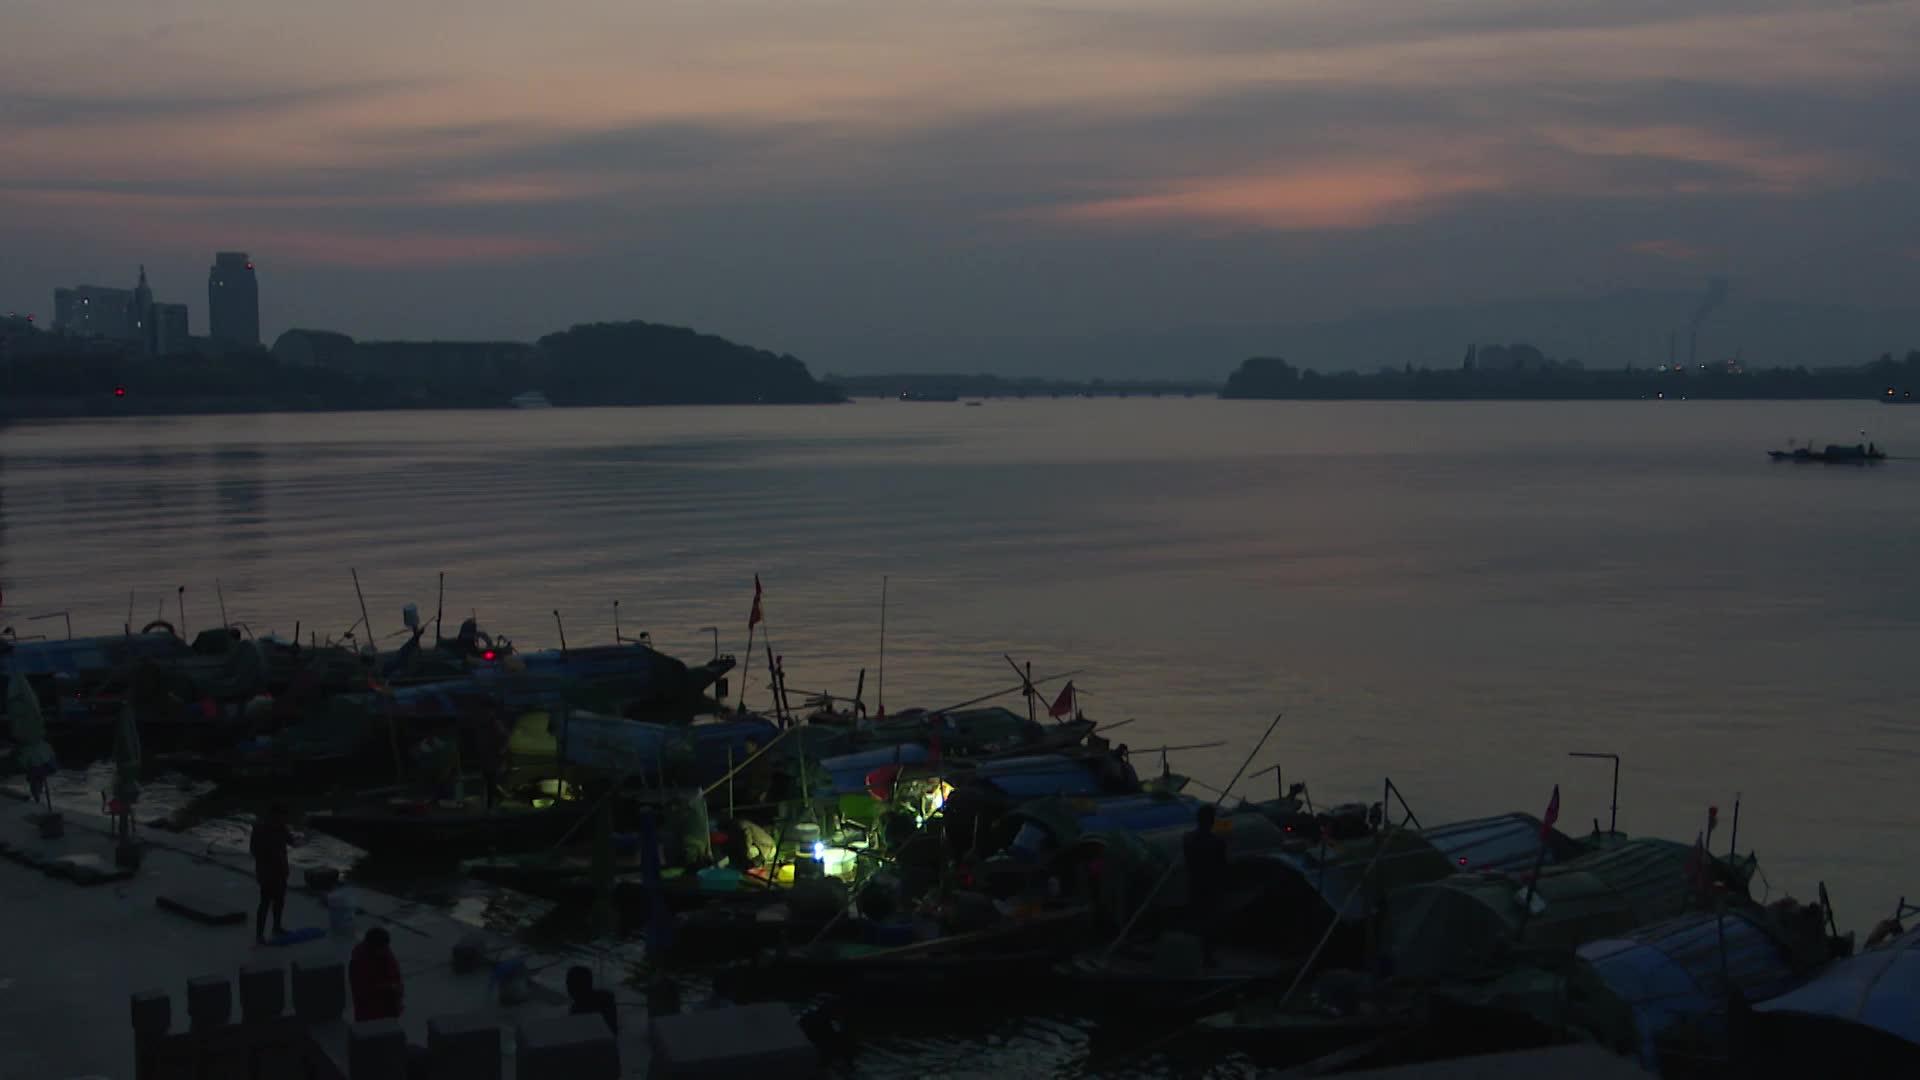 杭州富阳市民赶早集买野生鲈鱼